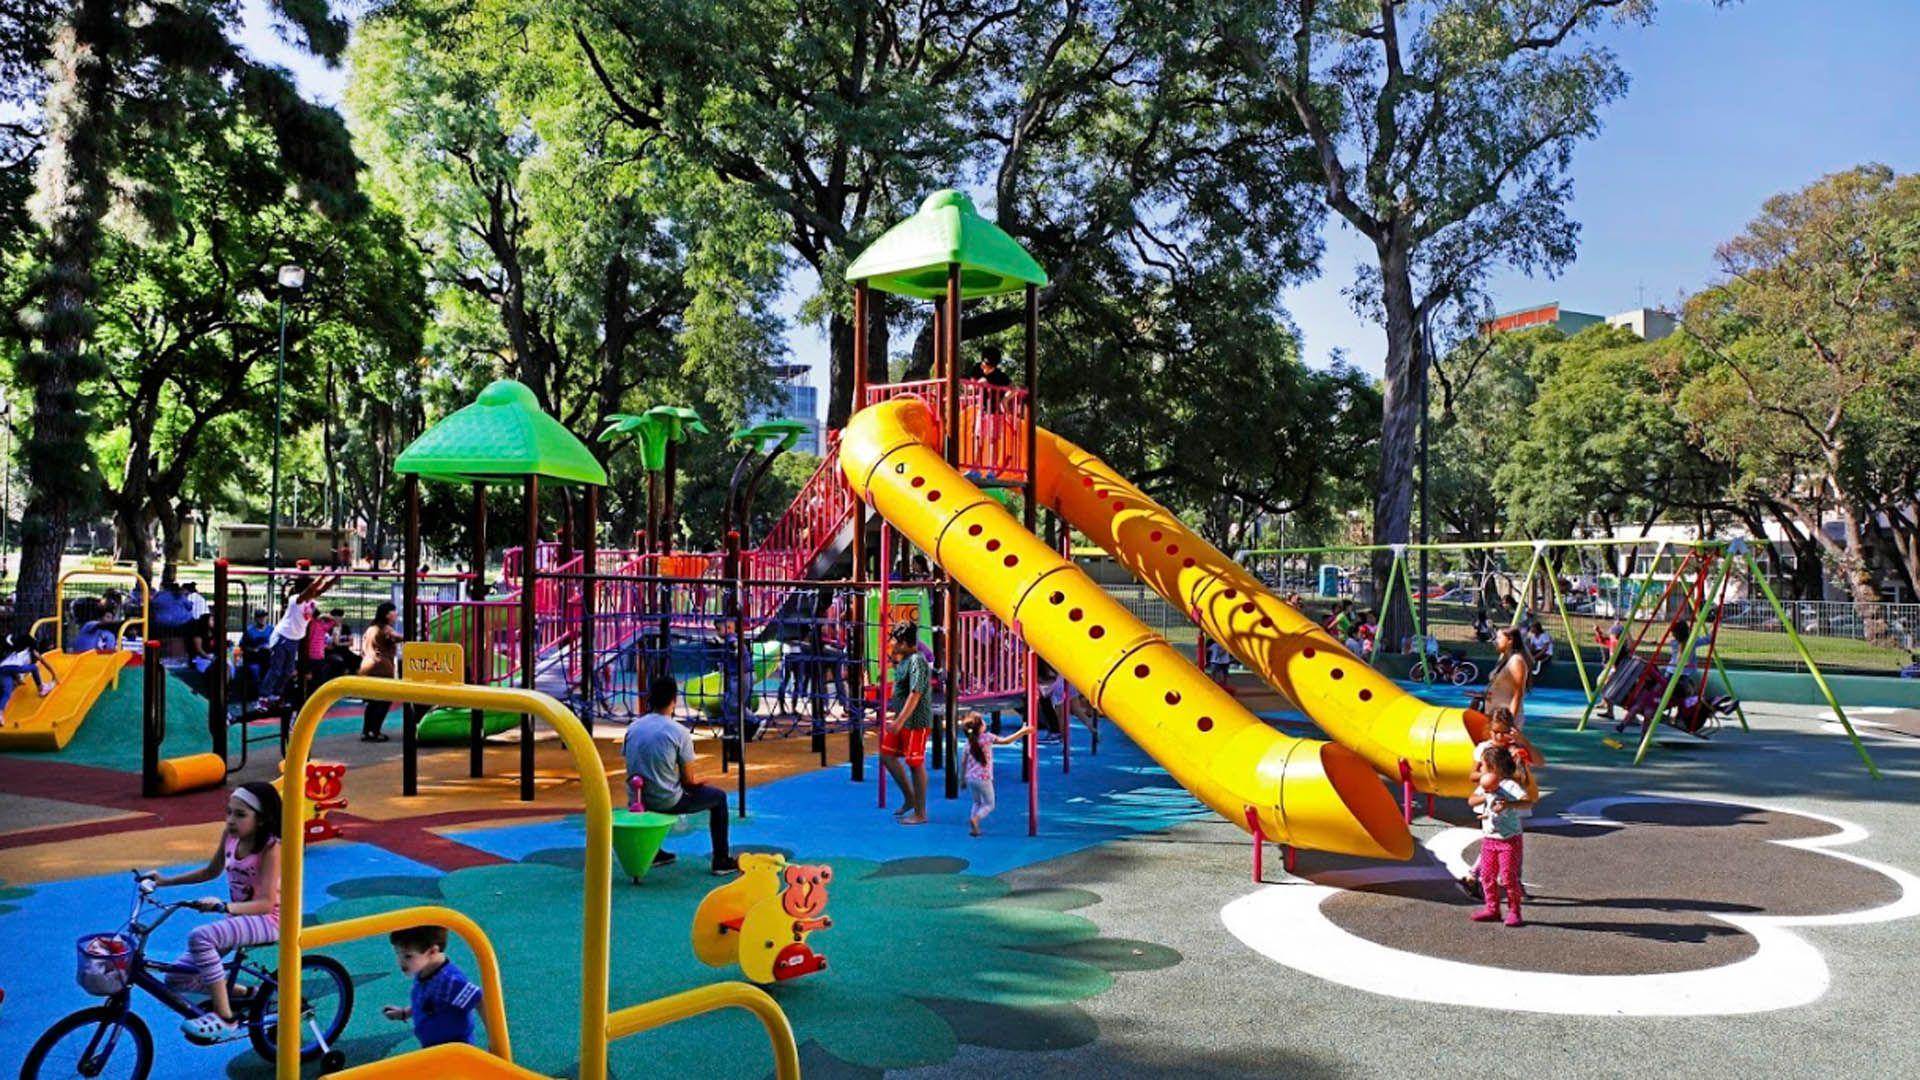 Parque Patricios cuenta con un renovado patio de juegos con mangrullo y distintas estructuras como túneles que estimulan la imaginación y completan el espacio de recreación de los chicos. Posee un canil equipado con bebederos, bancos y juegos para mascotas.